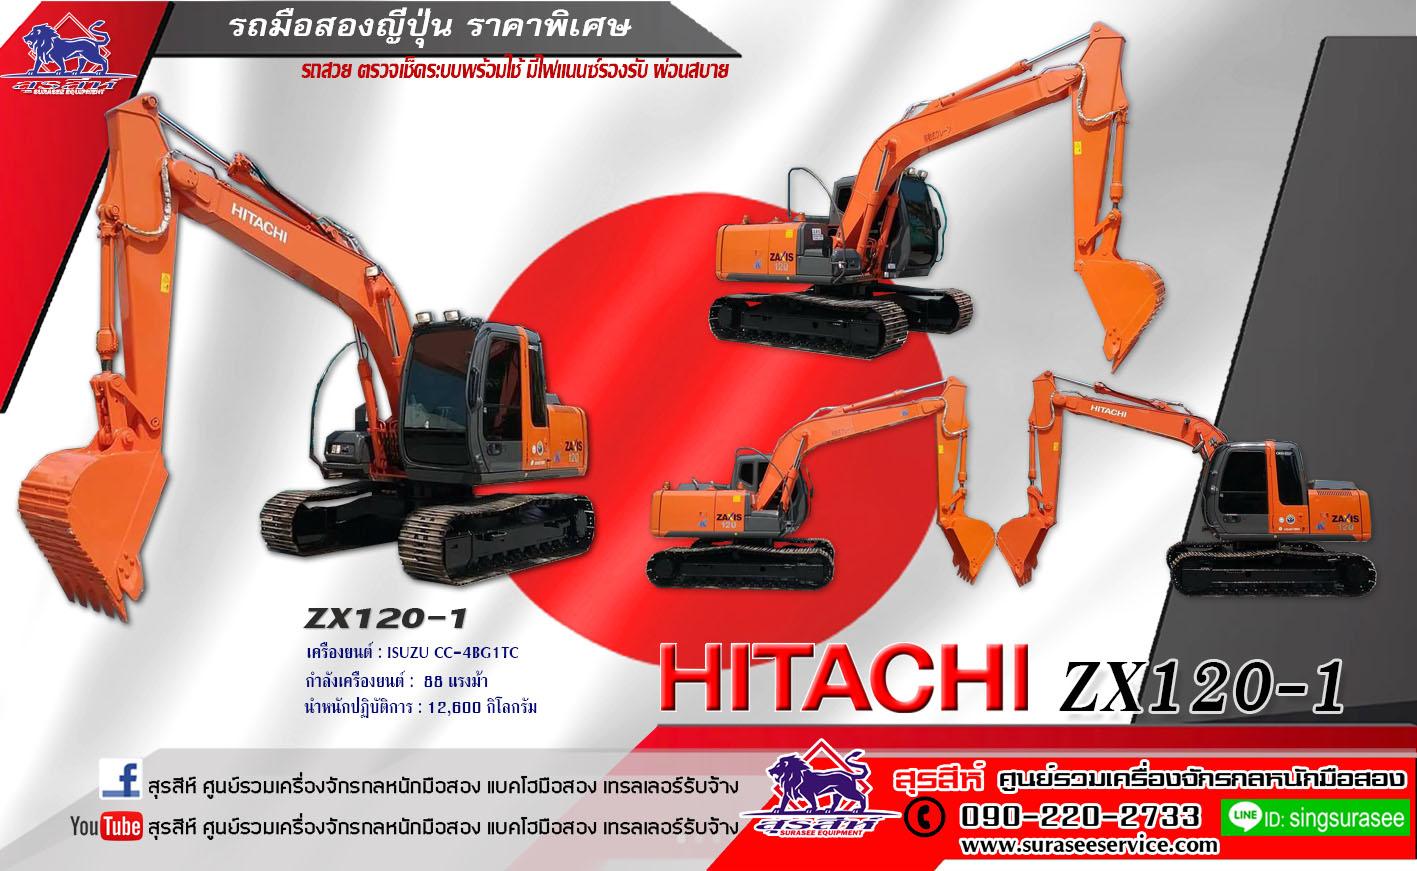 รถแบคโฮมือสอง HIATCHI ZX120-1  นำเข้าจากญี่ปุ่น